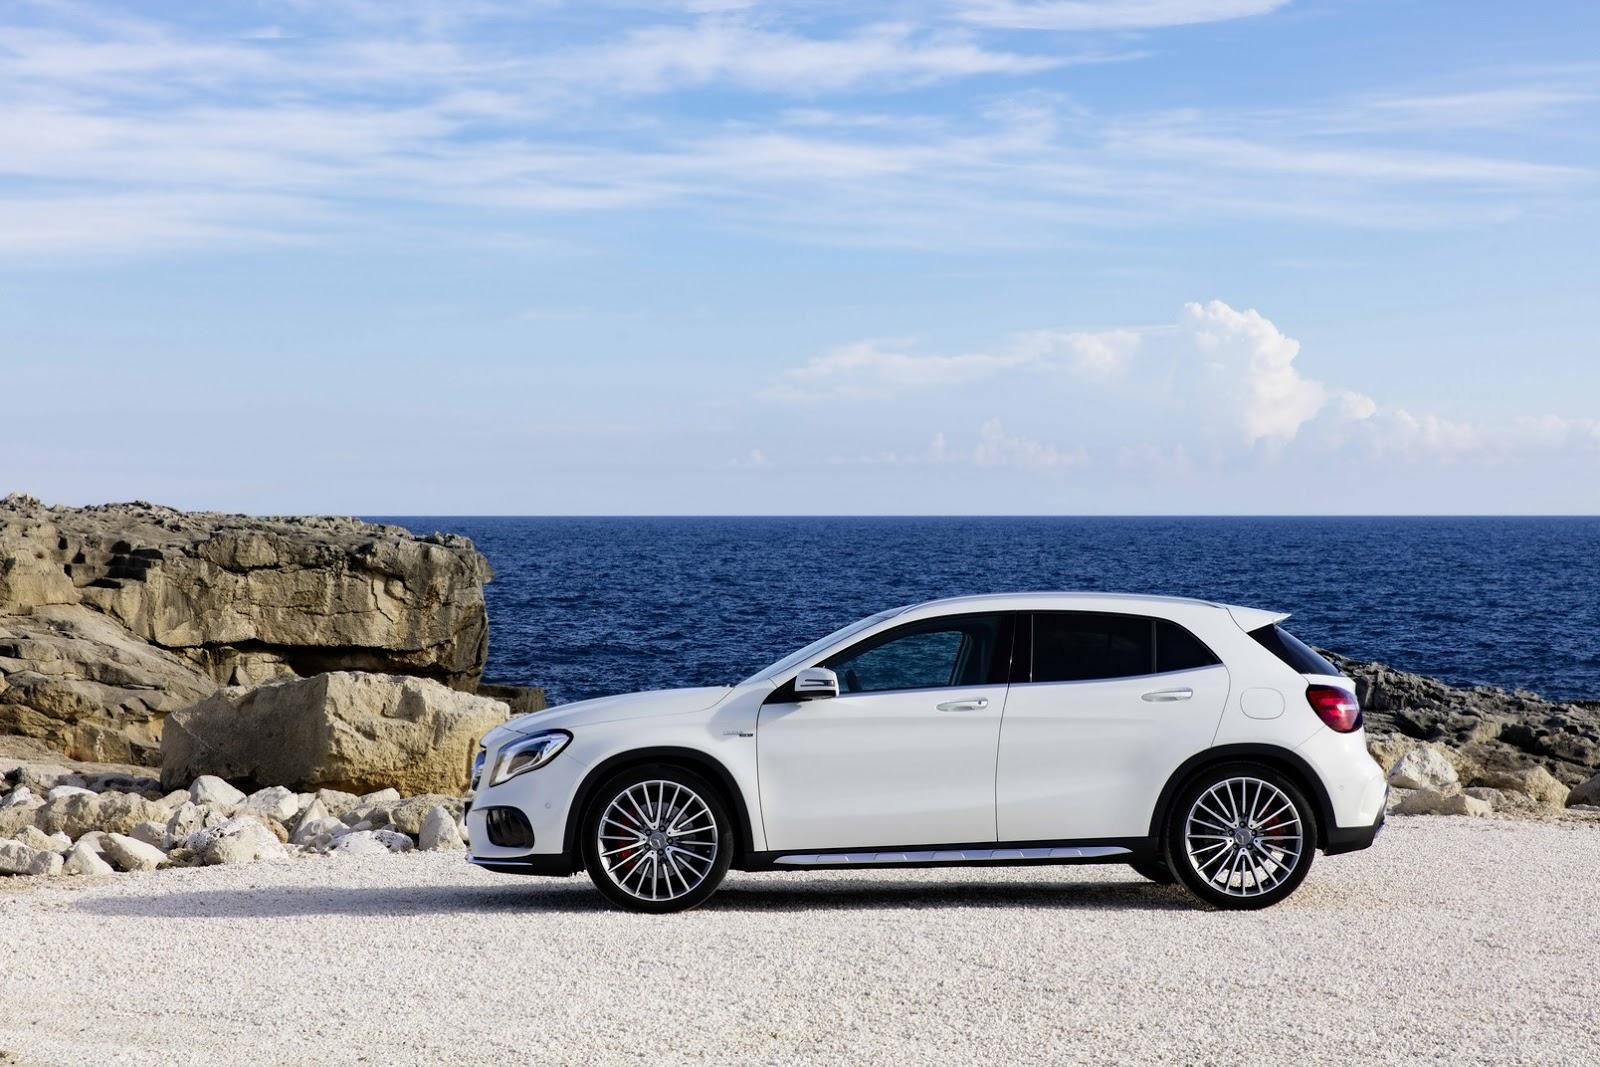 Mercedes GLA facelift and GLA 45 AMG facelift 2017 (13)